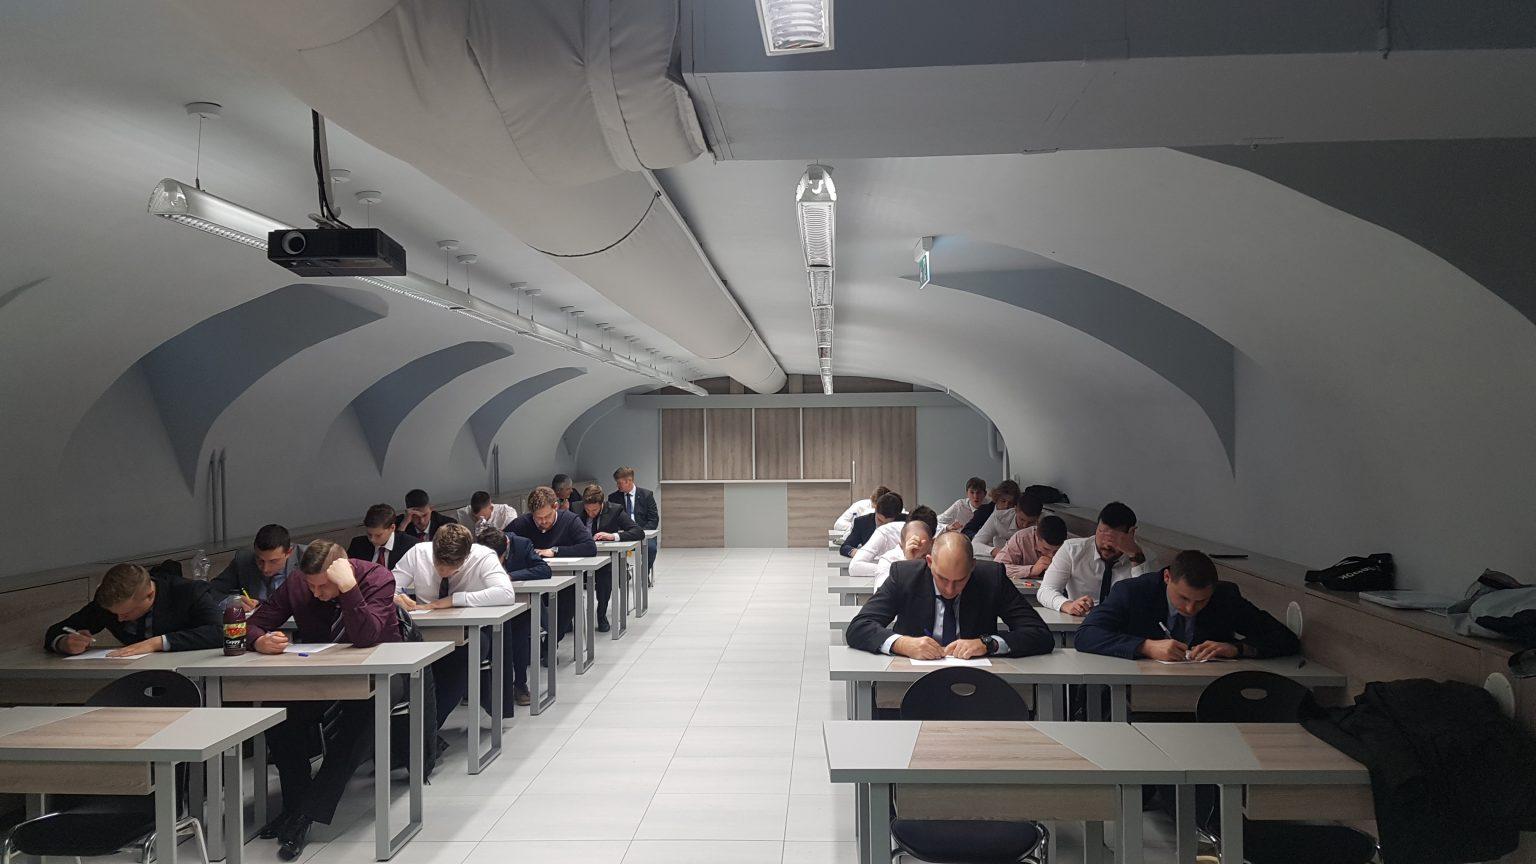 Csongrád vizsga (2020.03.08) - forrás: csongradjb.hu